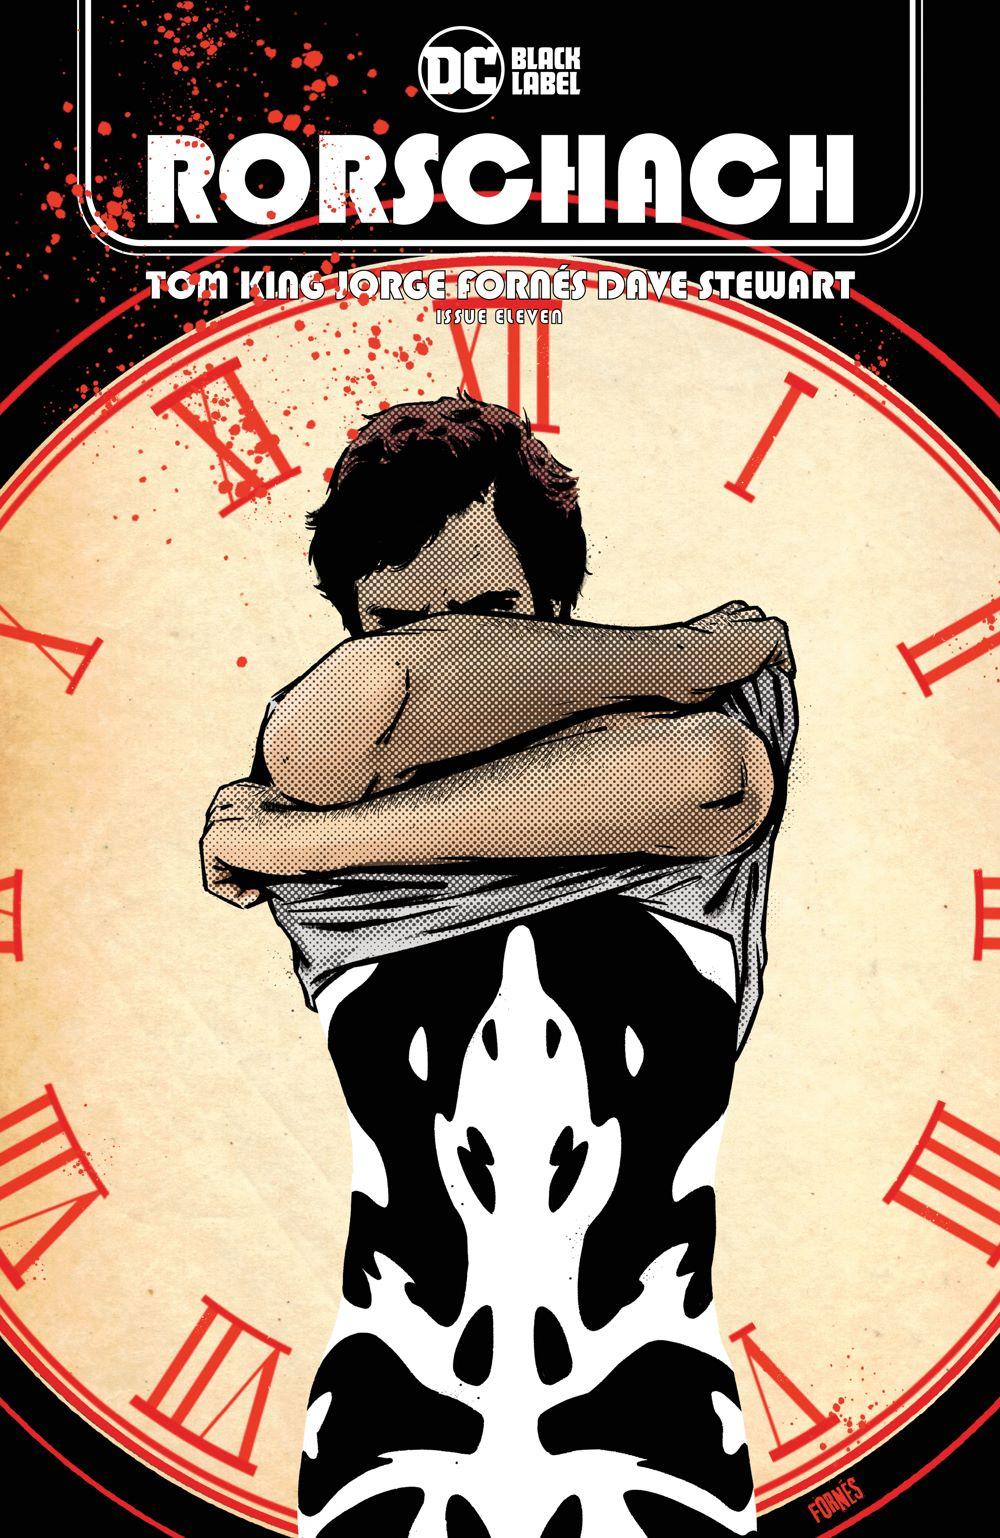 RORSCHACH_Cv11 DC Comics August 2021 Solicitations